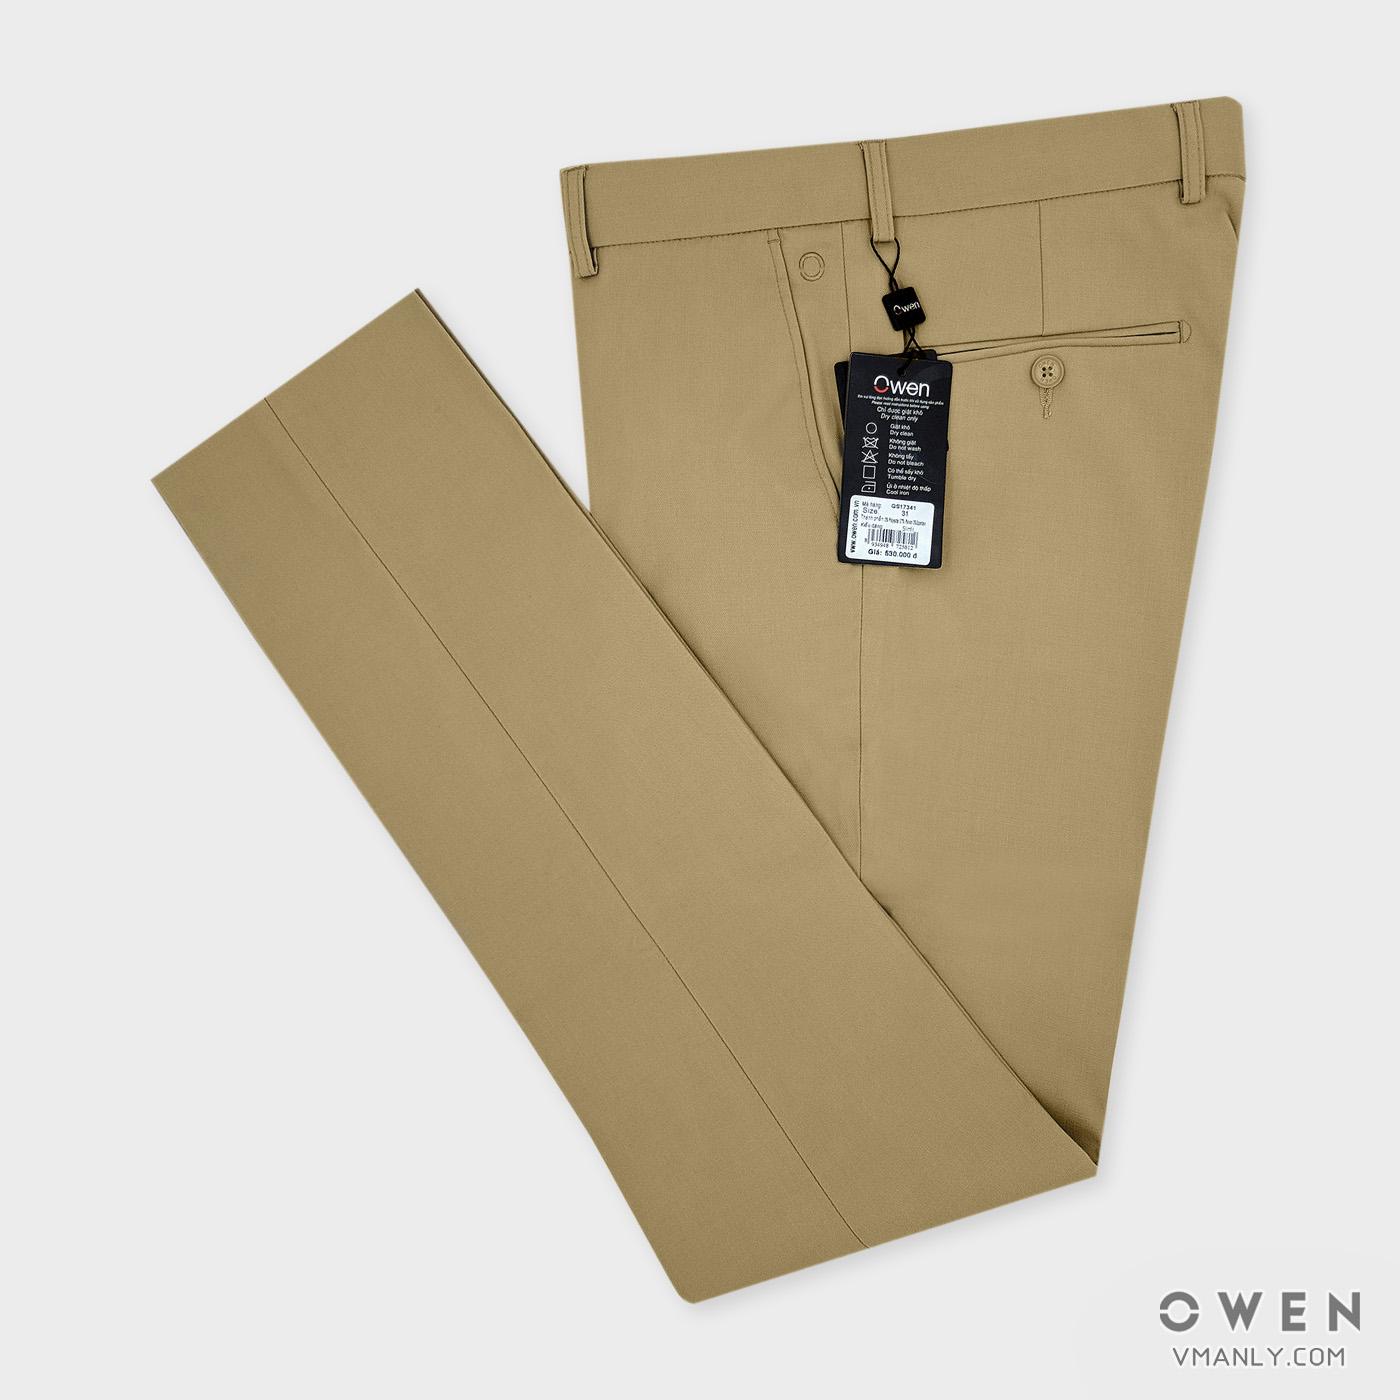 Quần tây Owen không li slimfit màu vàng nhạt QS17341